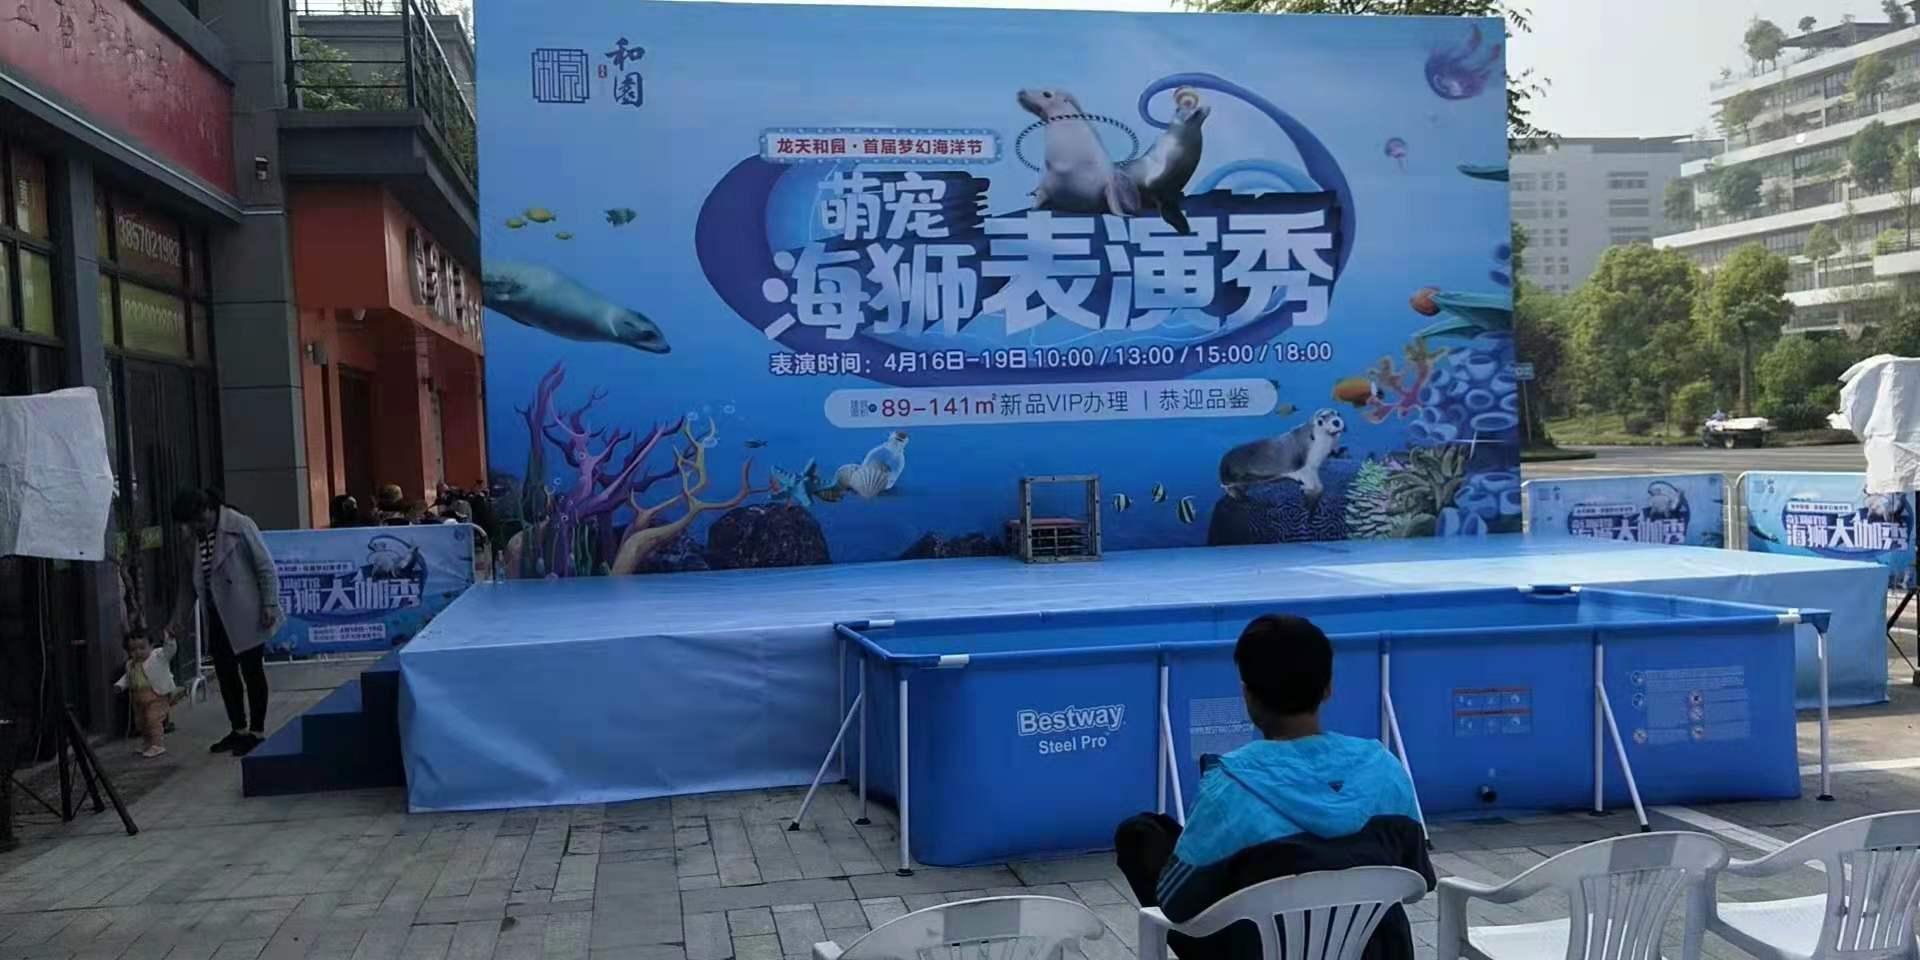 澄海区海洋鱼类展览租赁小矮马展览租赁